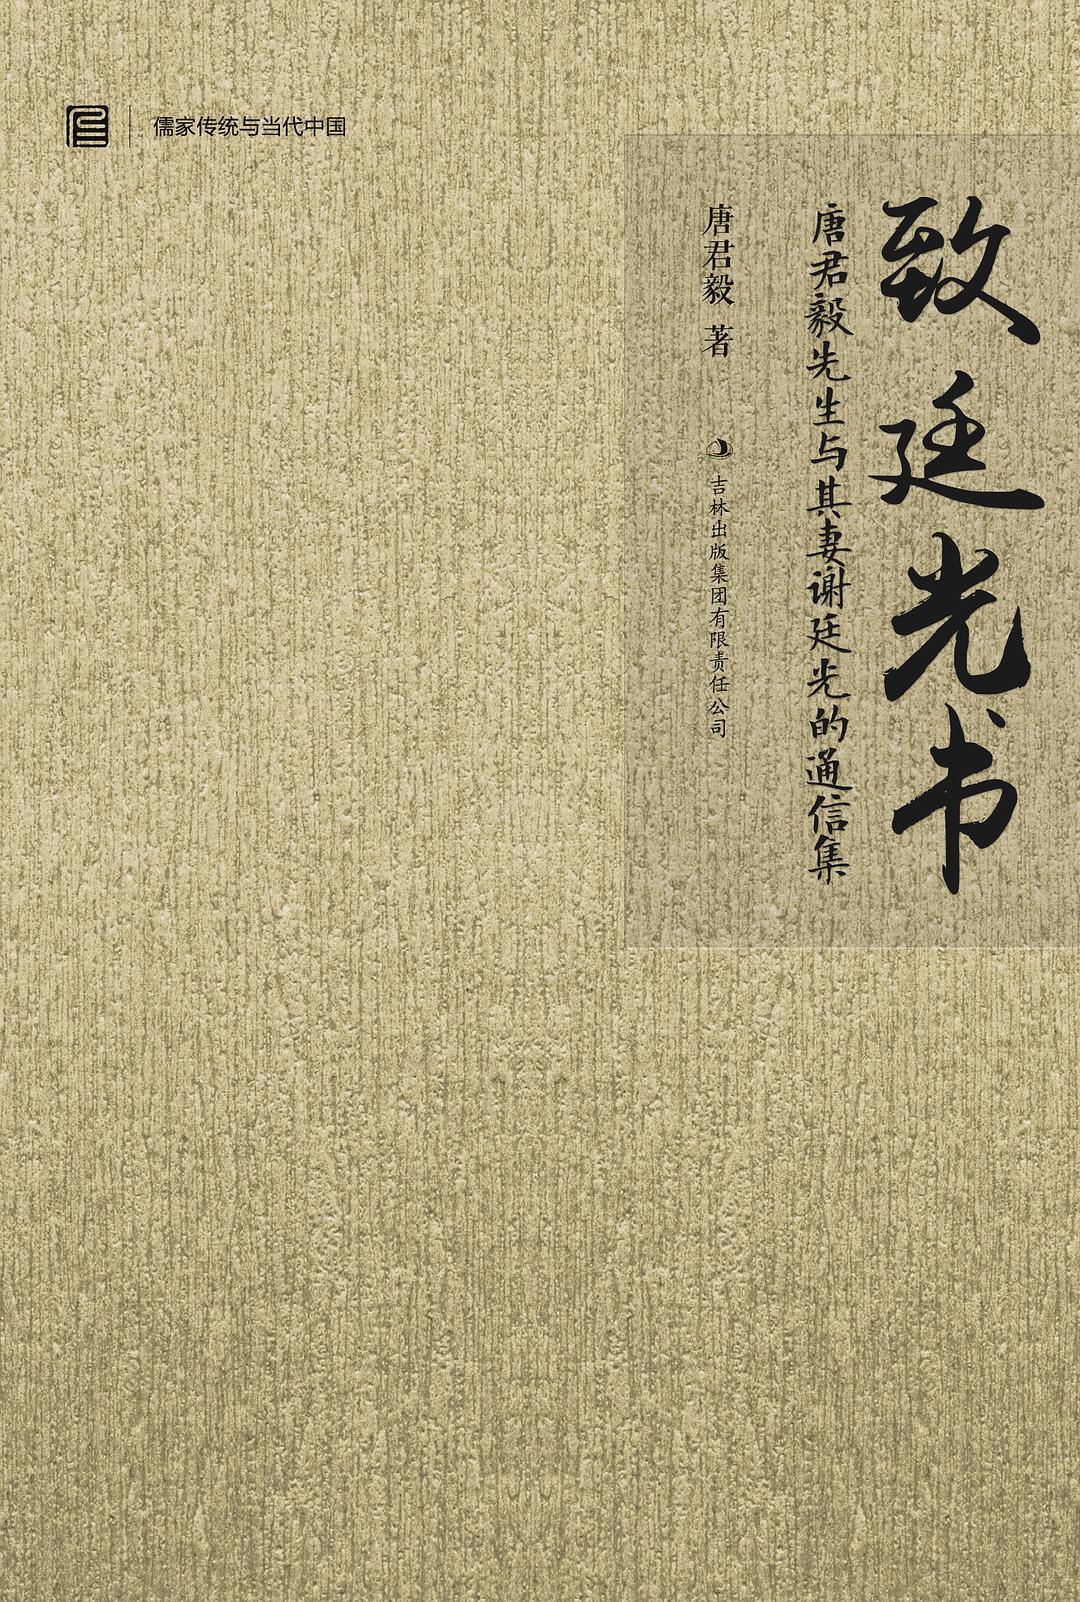 致廷光书:唐君毅先生与其妻谢延光的通信集